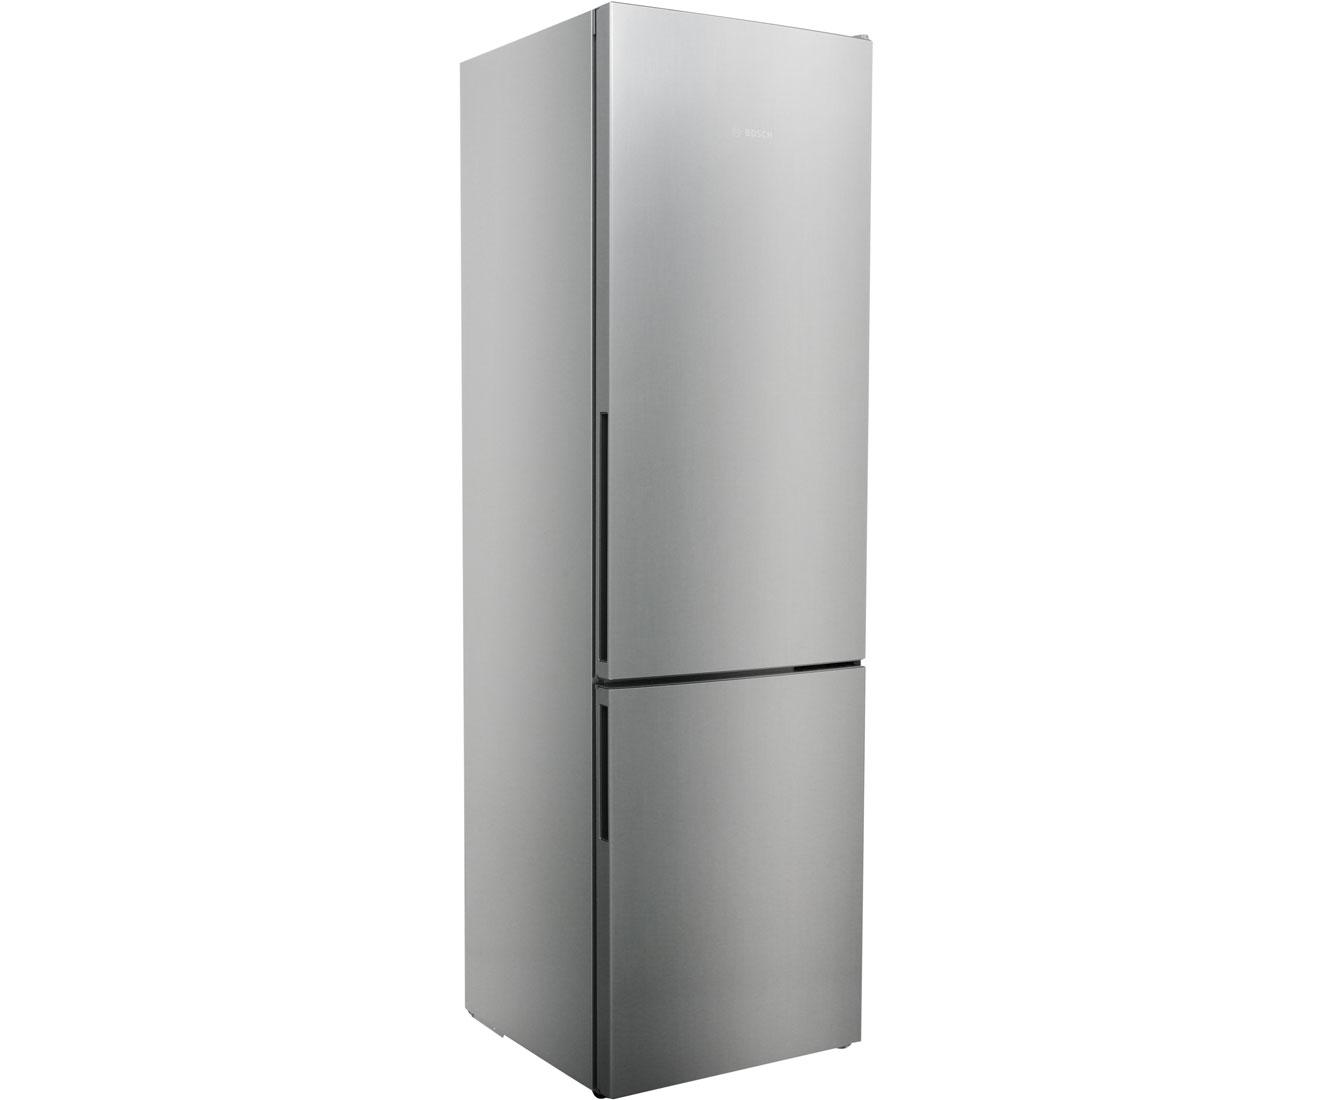 Bosch Kühlschrank Gefrierkombination : Bosch kgv vl a kühl gefrierkombination edelstahl optik a